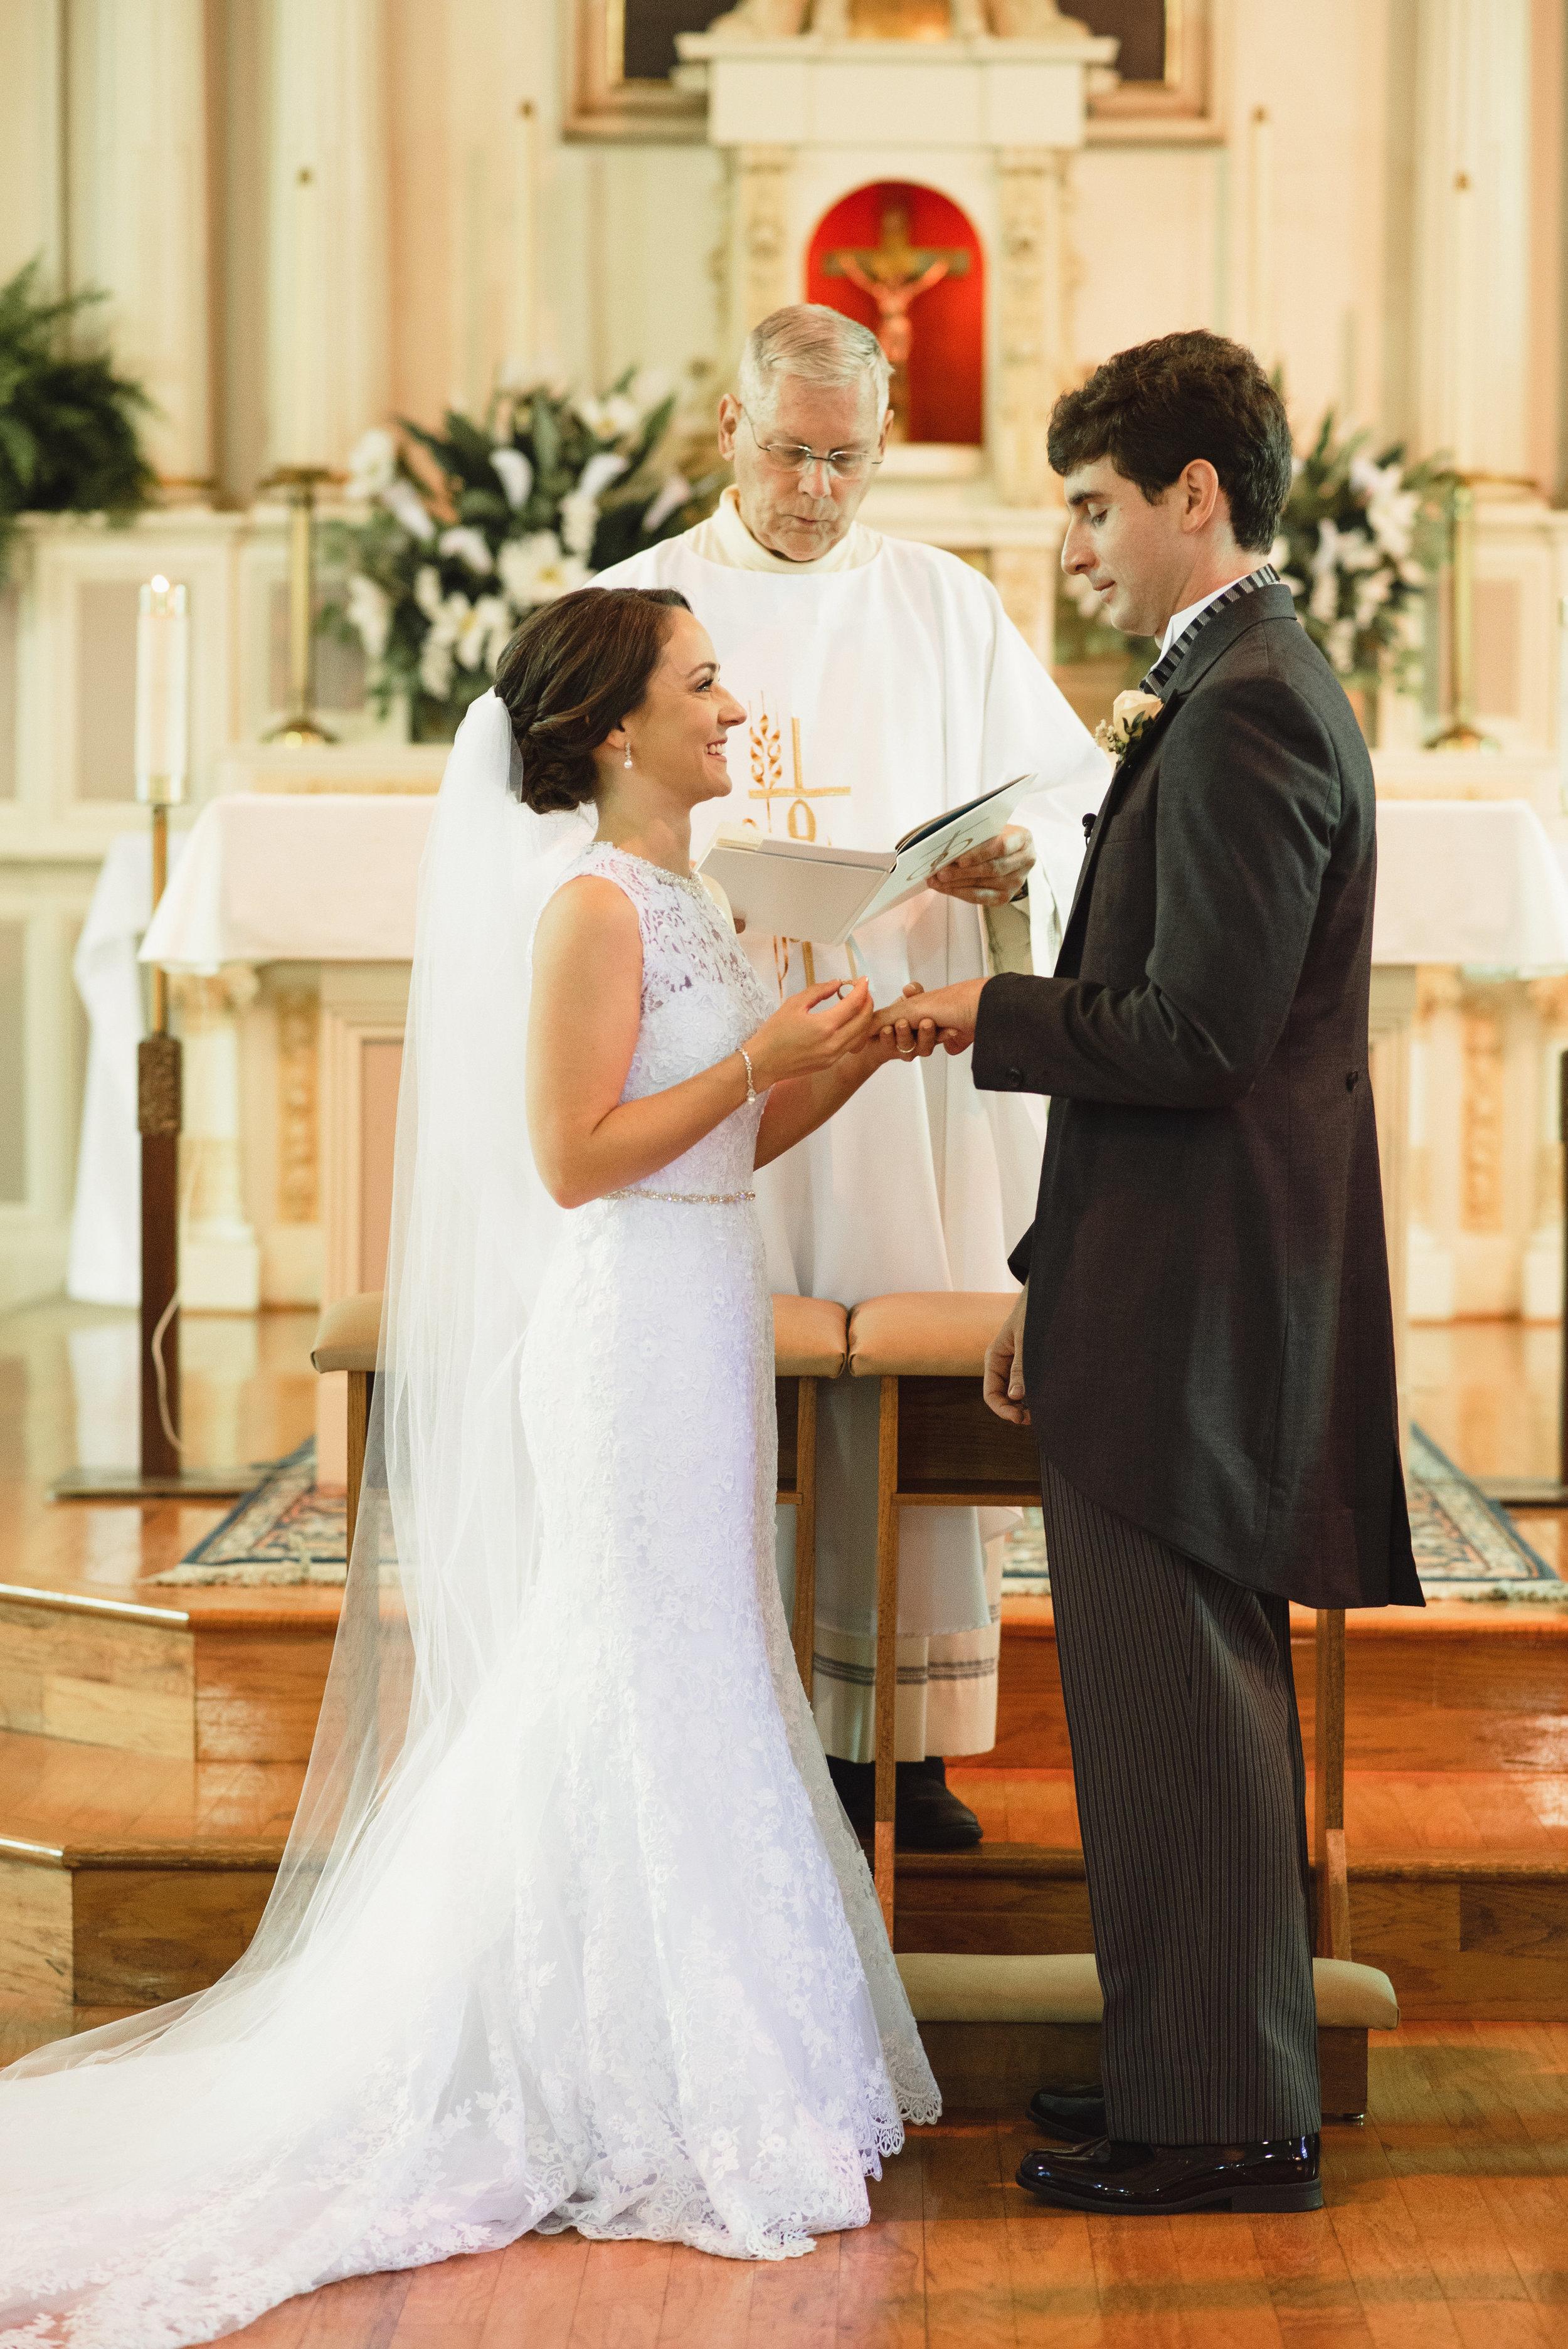 Ducote_Naccari_wedding_0395.jpg